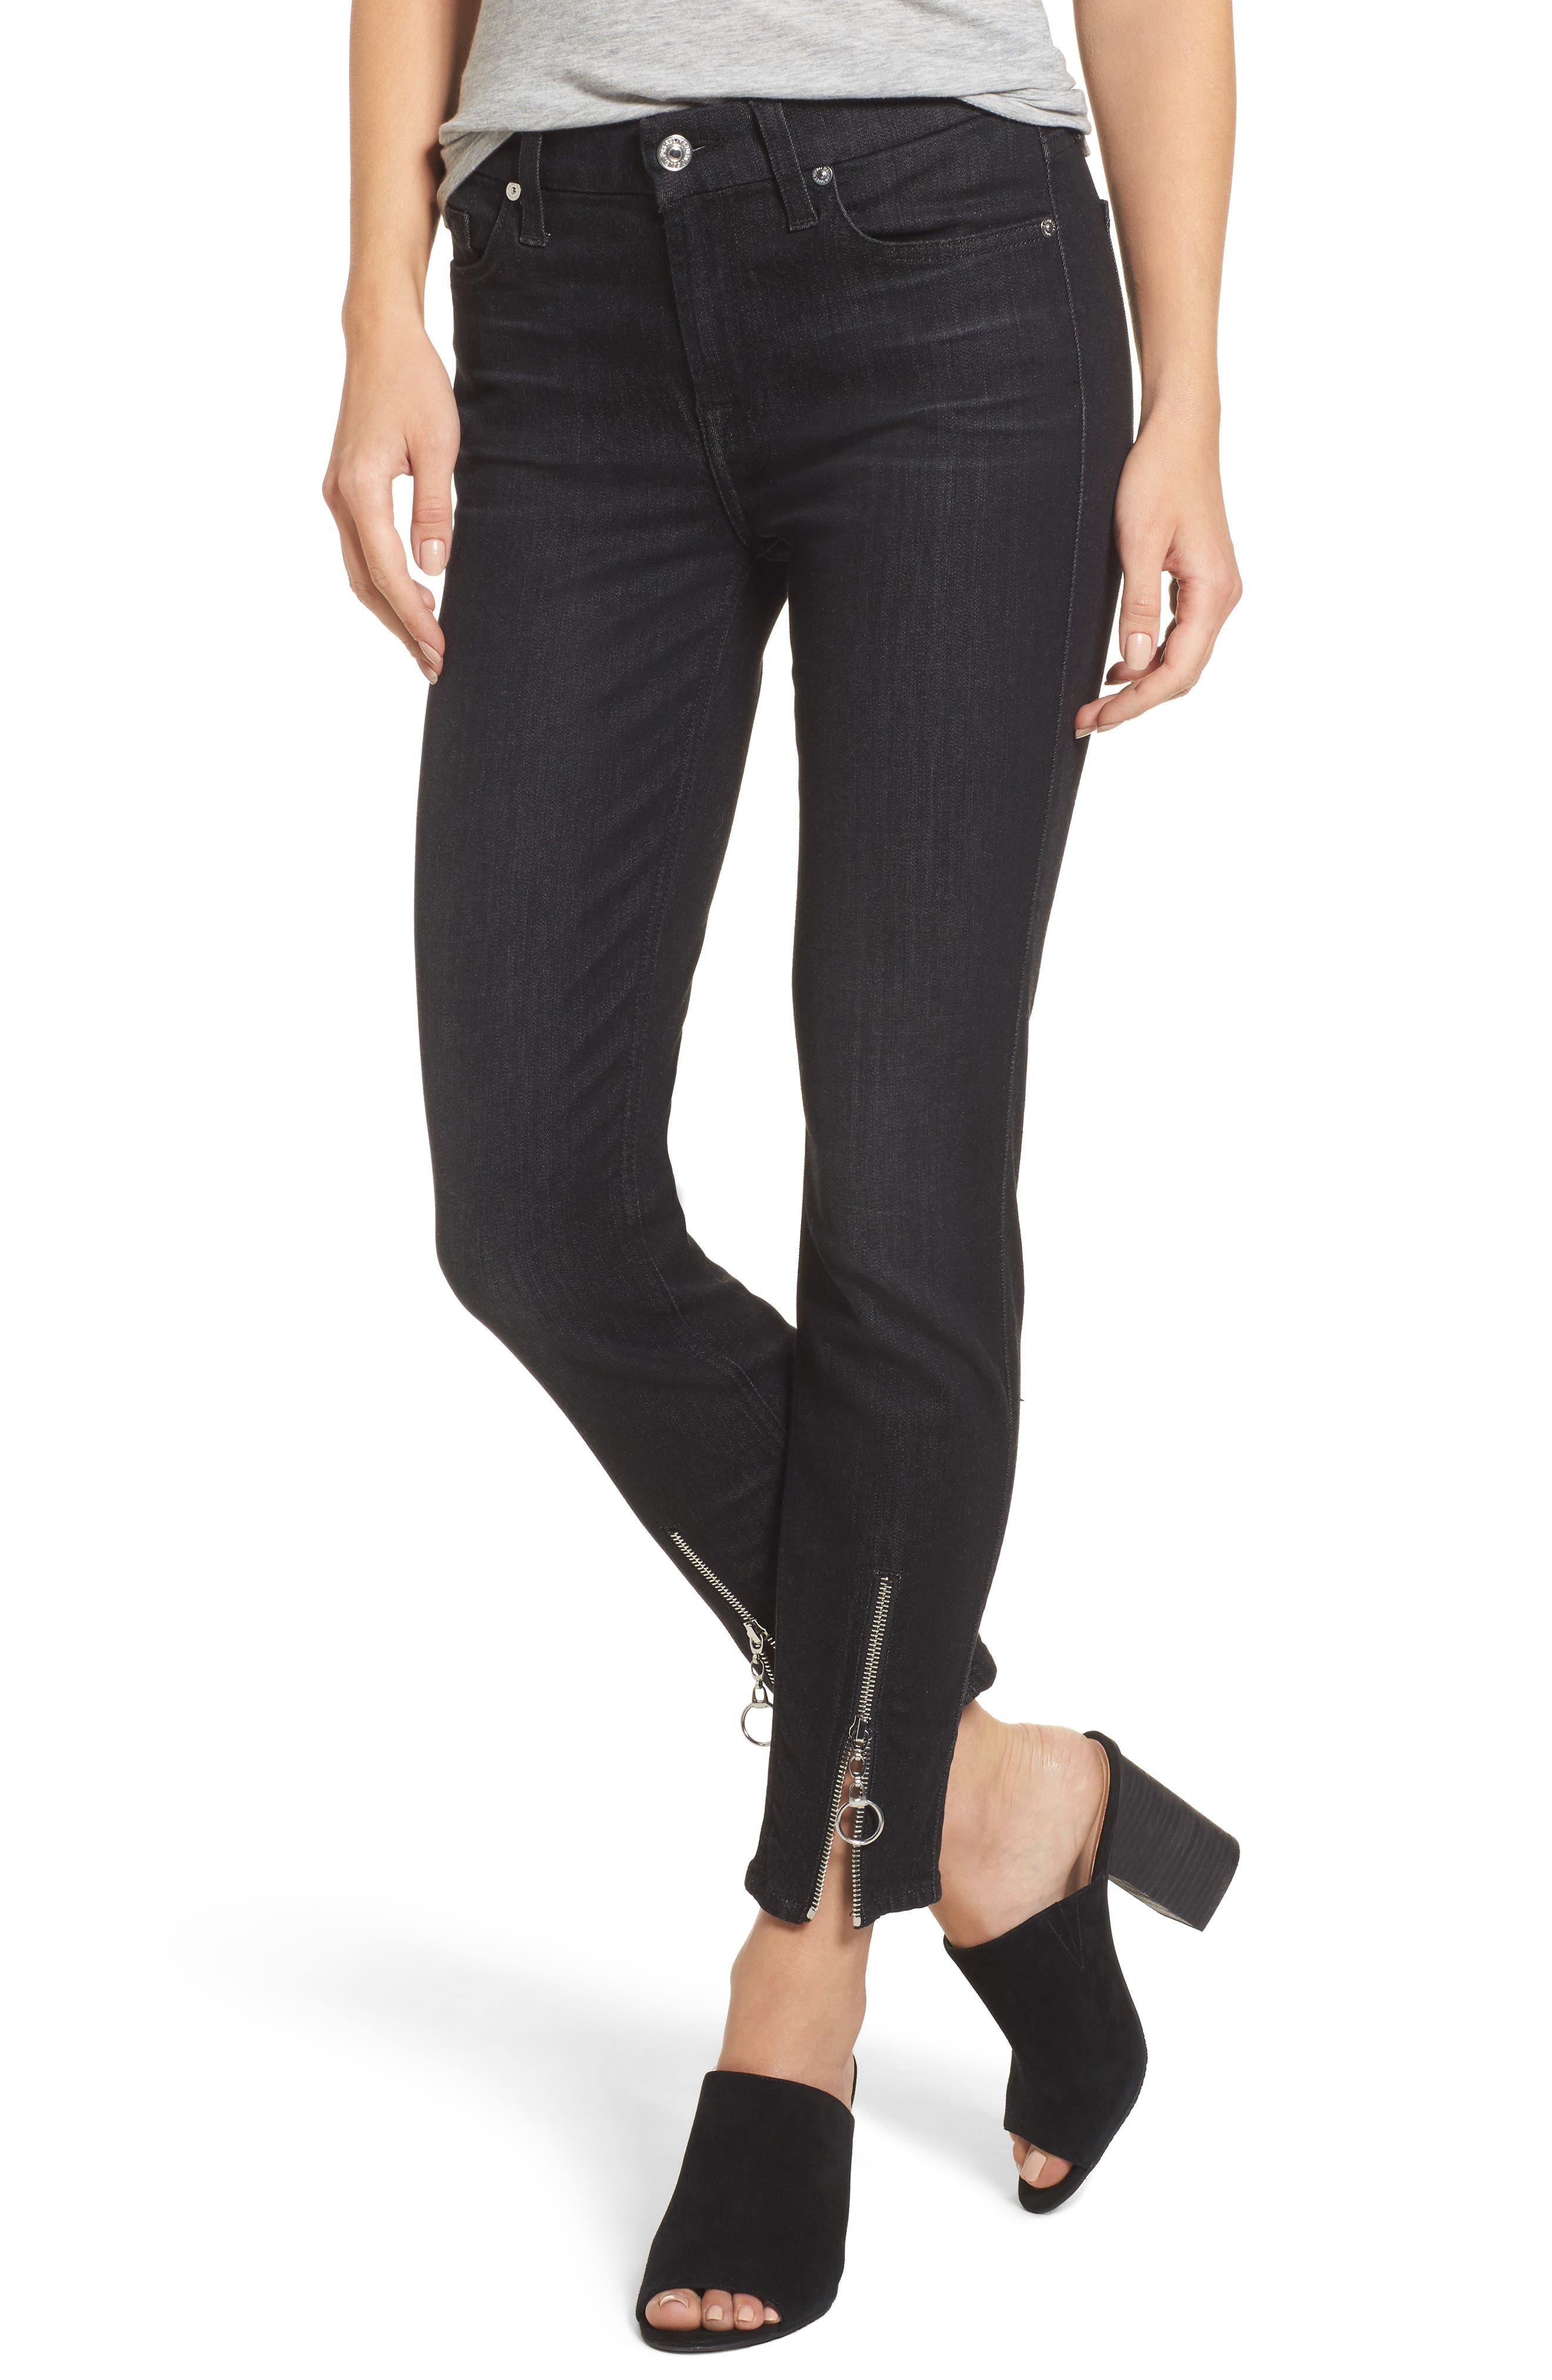 b(air) - Roxanne Ankle Zip Jeans,                             Main thumbnail 1, color,                             Bair Noir